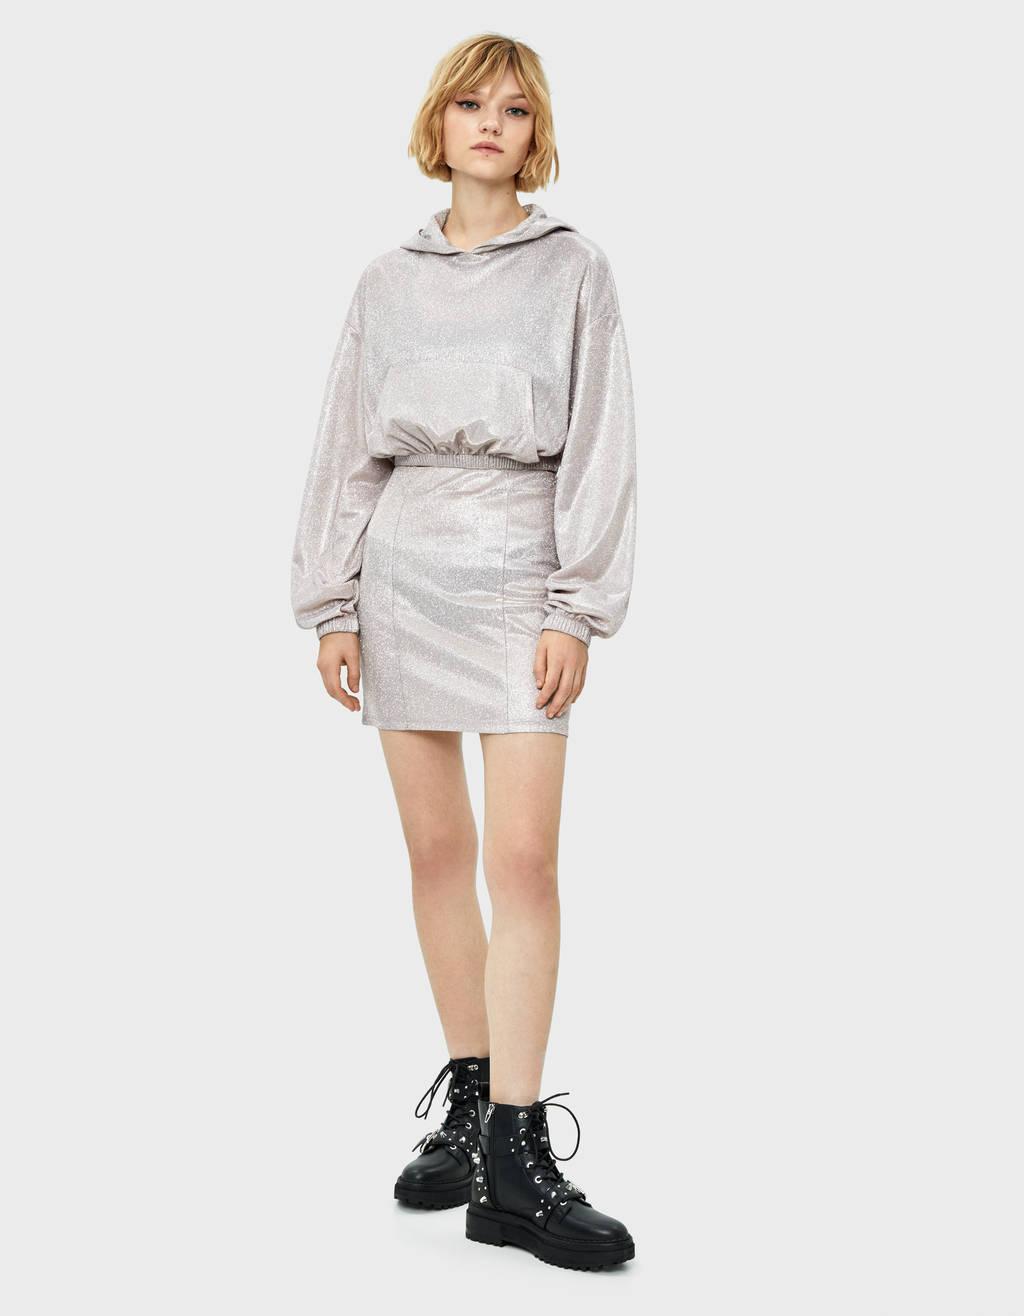 Metallic thread skirt